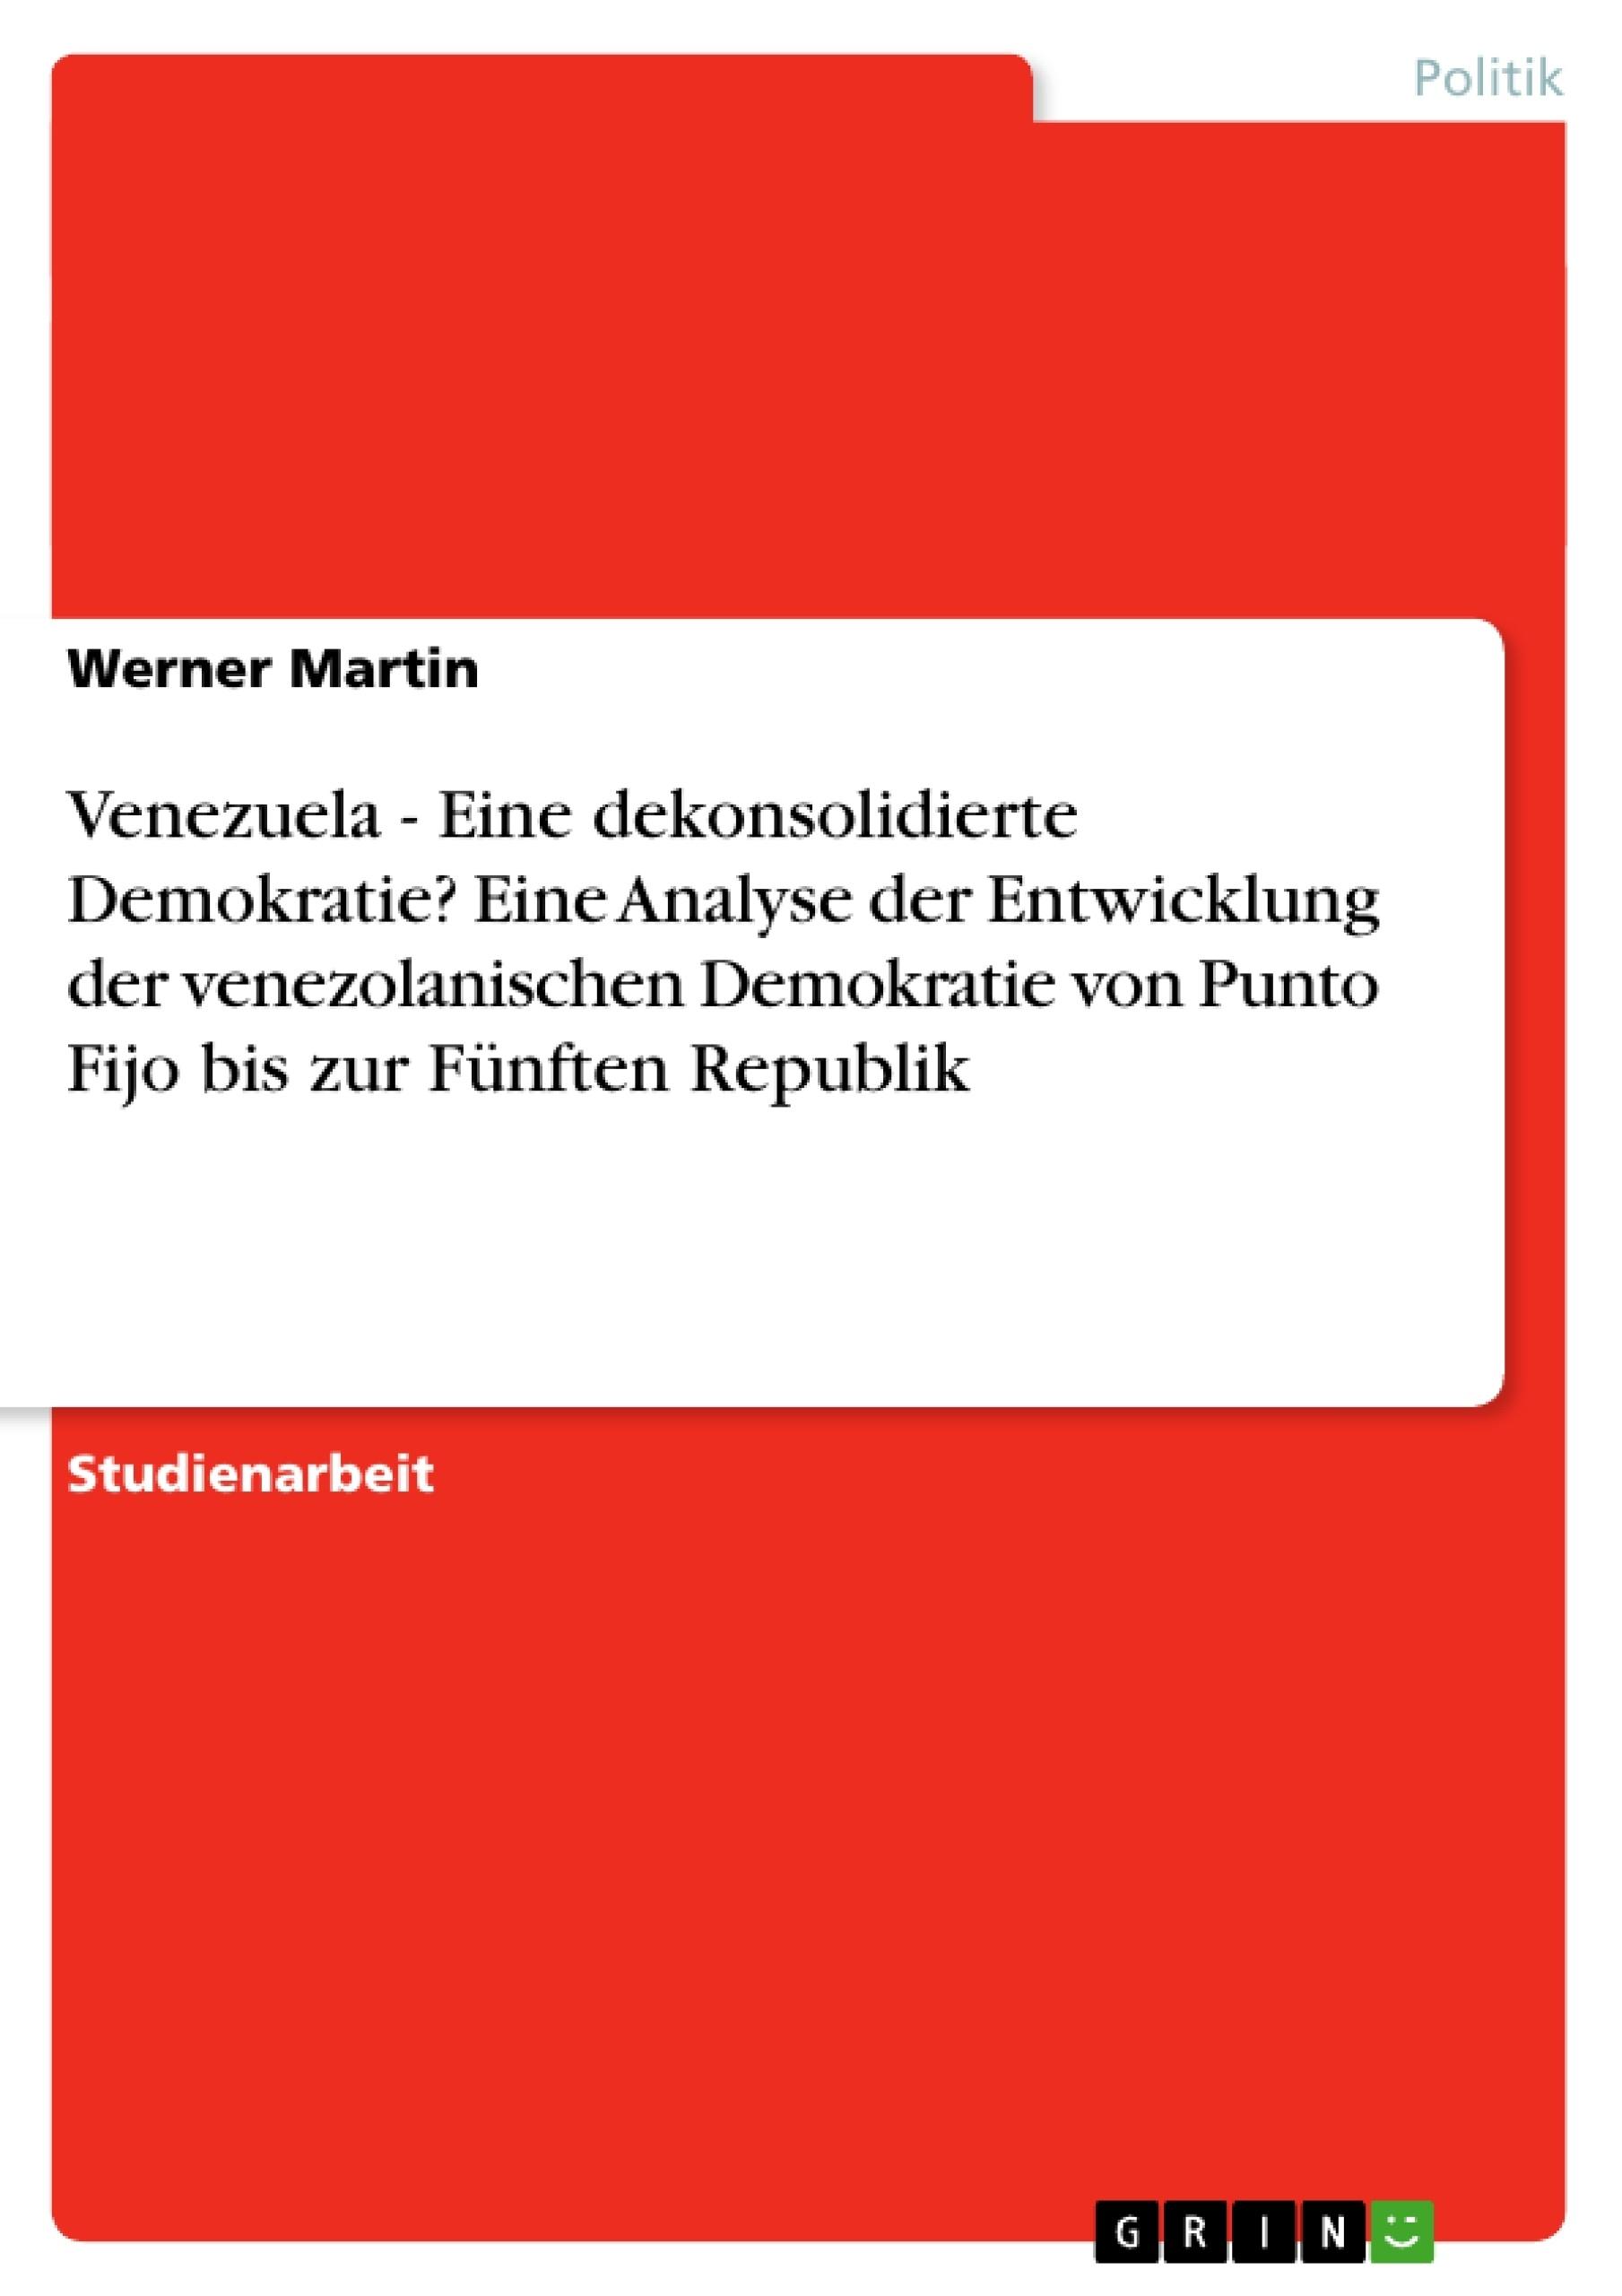 Titel: Venezuela - Eine dekonsolidierte Demokratie? Eine Analyse der Entwicklung der venezolanischen Demokratie von Punto Fijo bis zur Fünften Republik